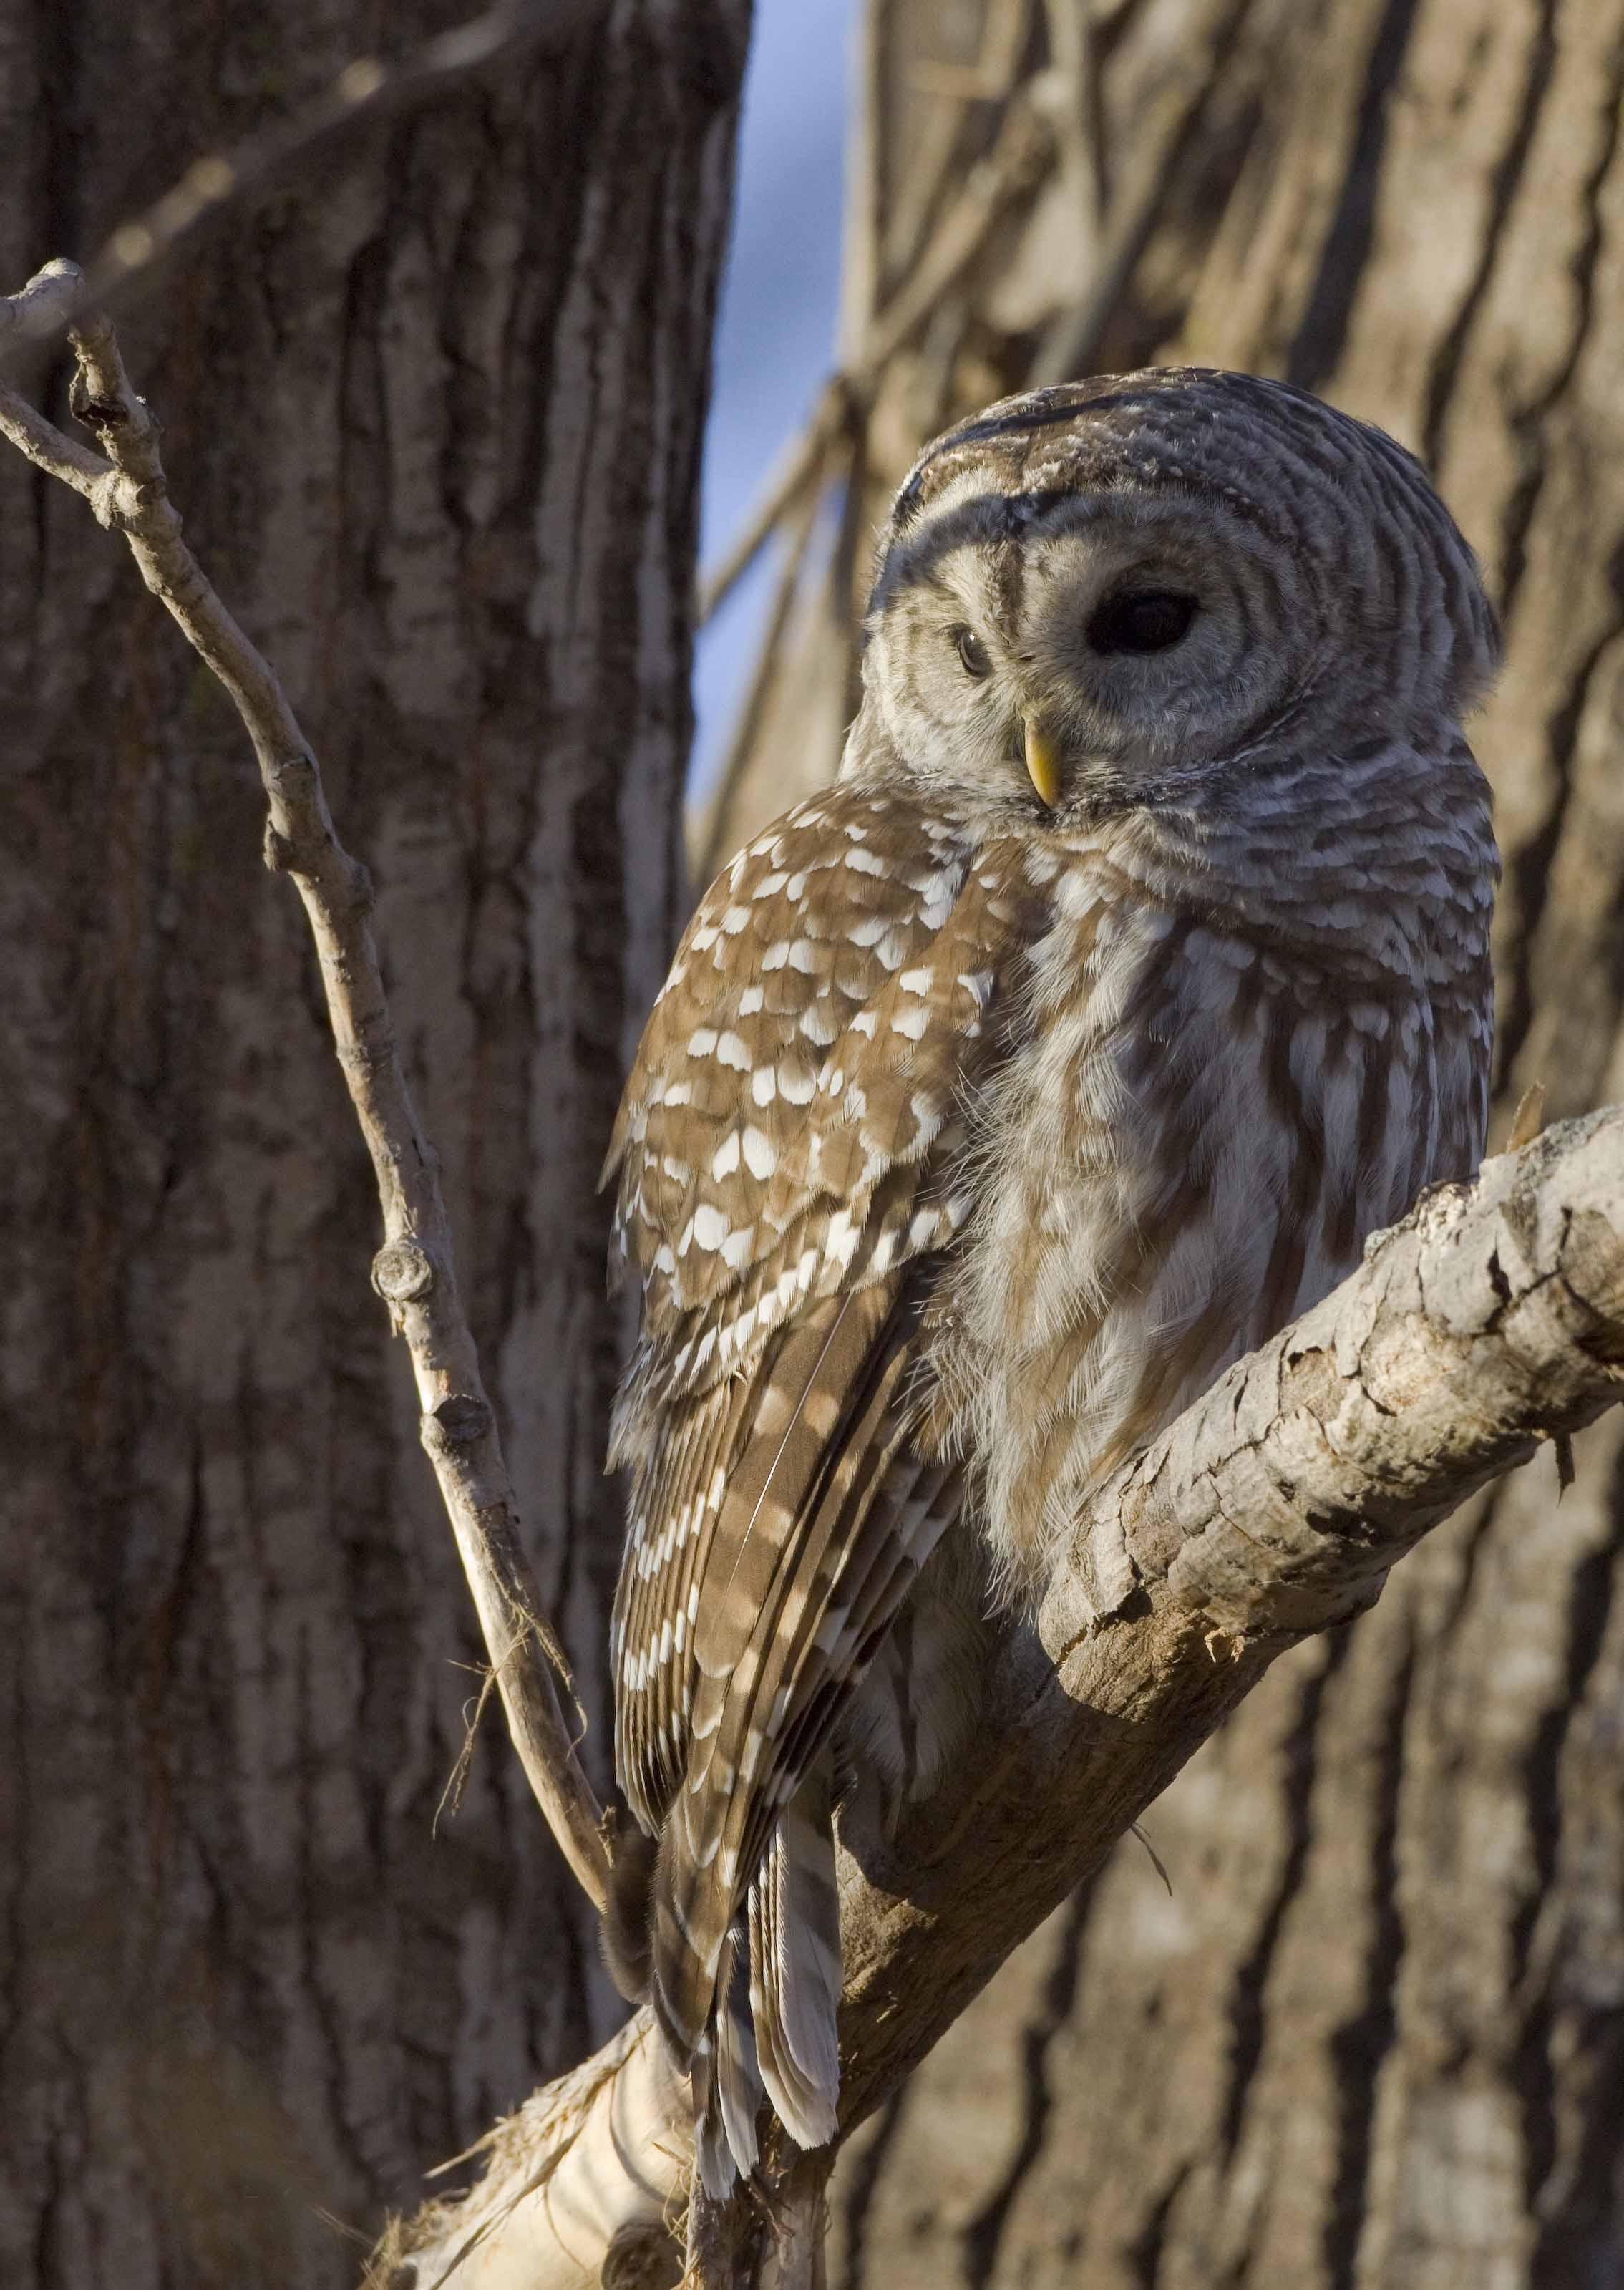 Hibou Ou Chouette routes d'écoute de hiboux nocturnes | club ornithologique des hautes